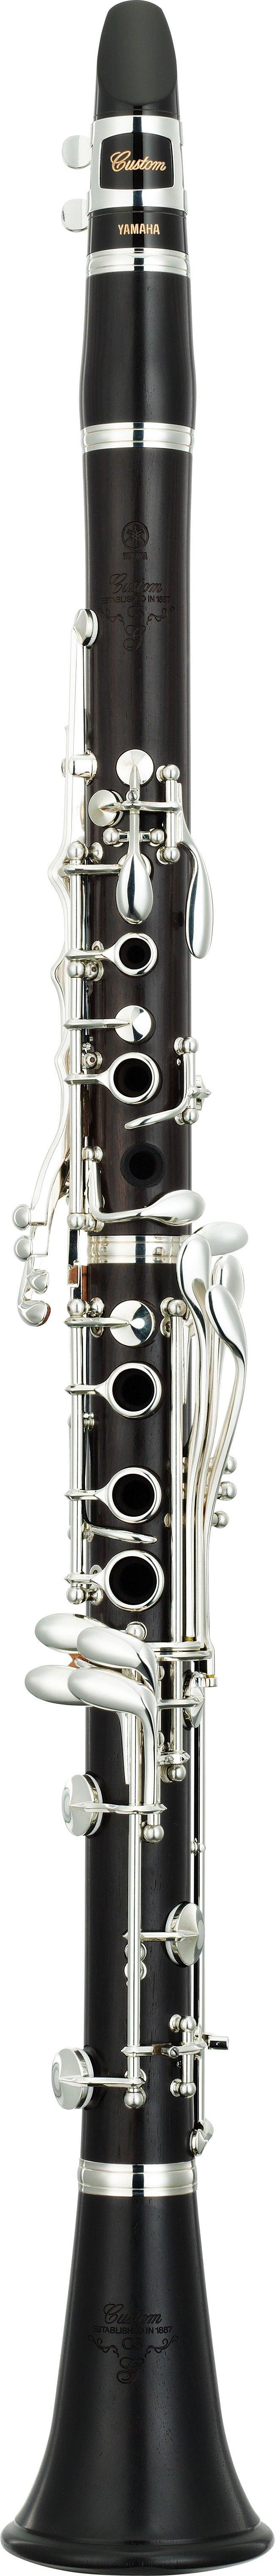 Yamaha - YCL-CSG-A-III - Holzblasinstrumente - Klarinetten | MUSIK BERTRAM Deutschland Freiburg